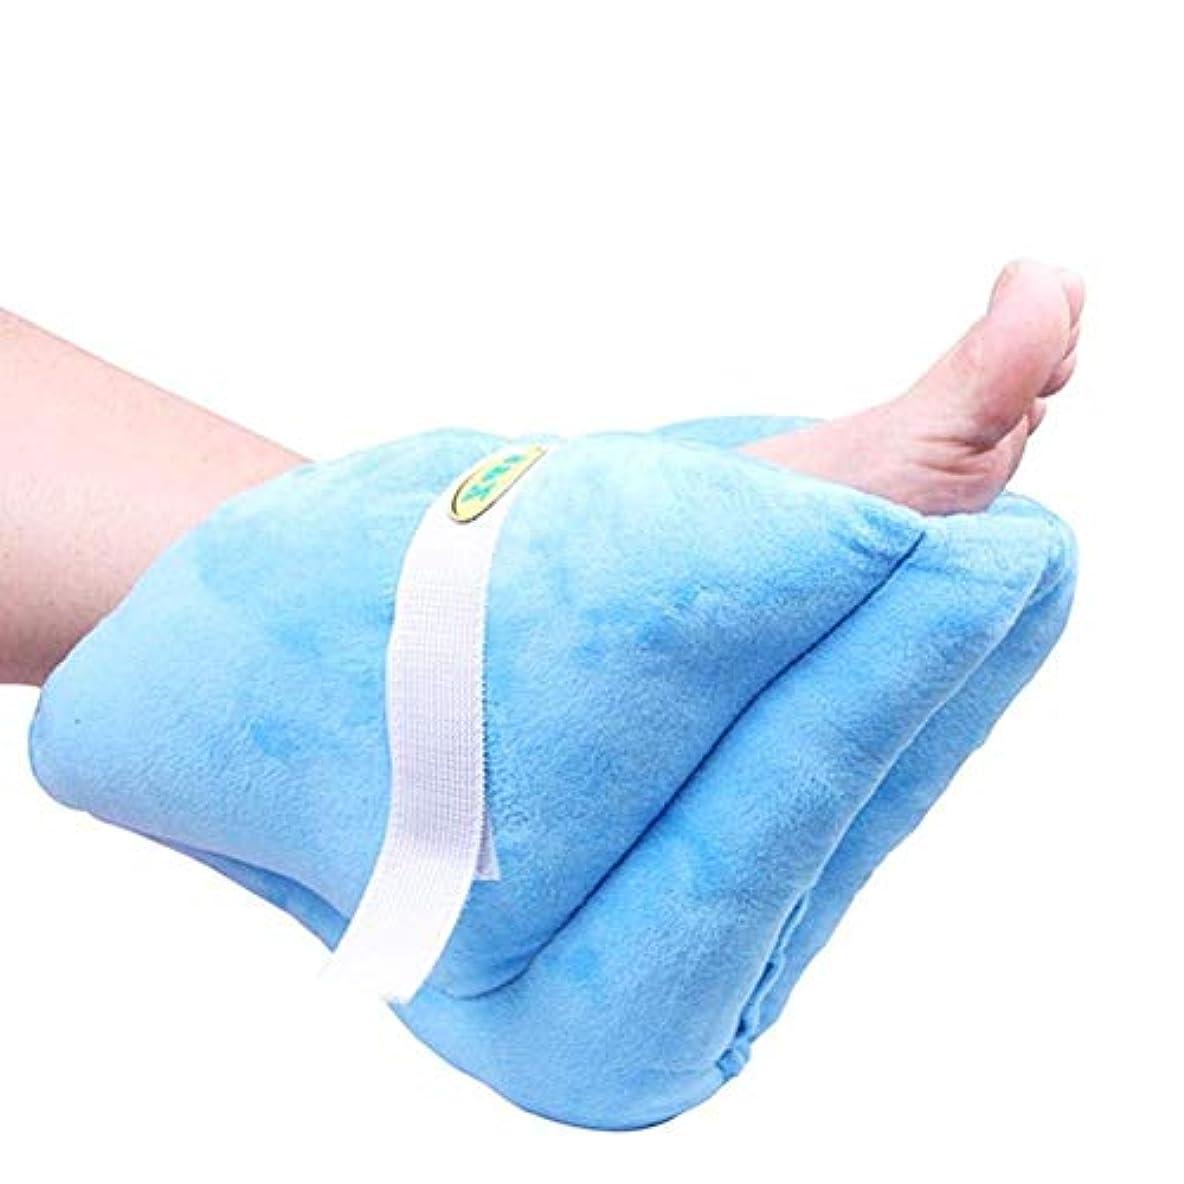 いつでもアソシエイト食堂ヒールプロテクタークッション - フットプロテクターピローブーツ - 褥瘡の予防と足圧を軽減するためのフットサポートピロー